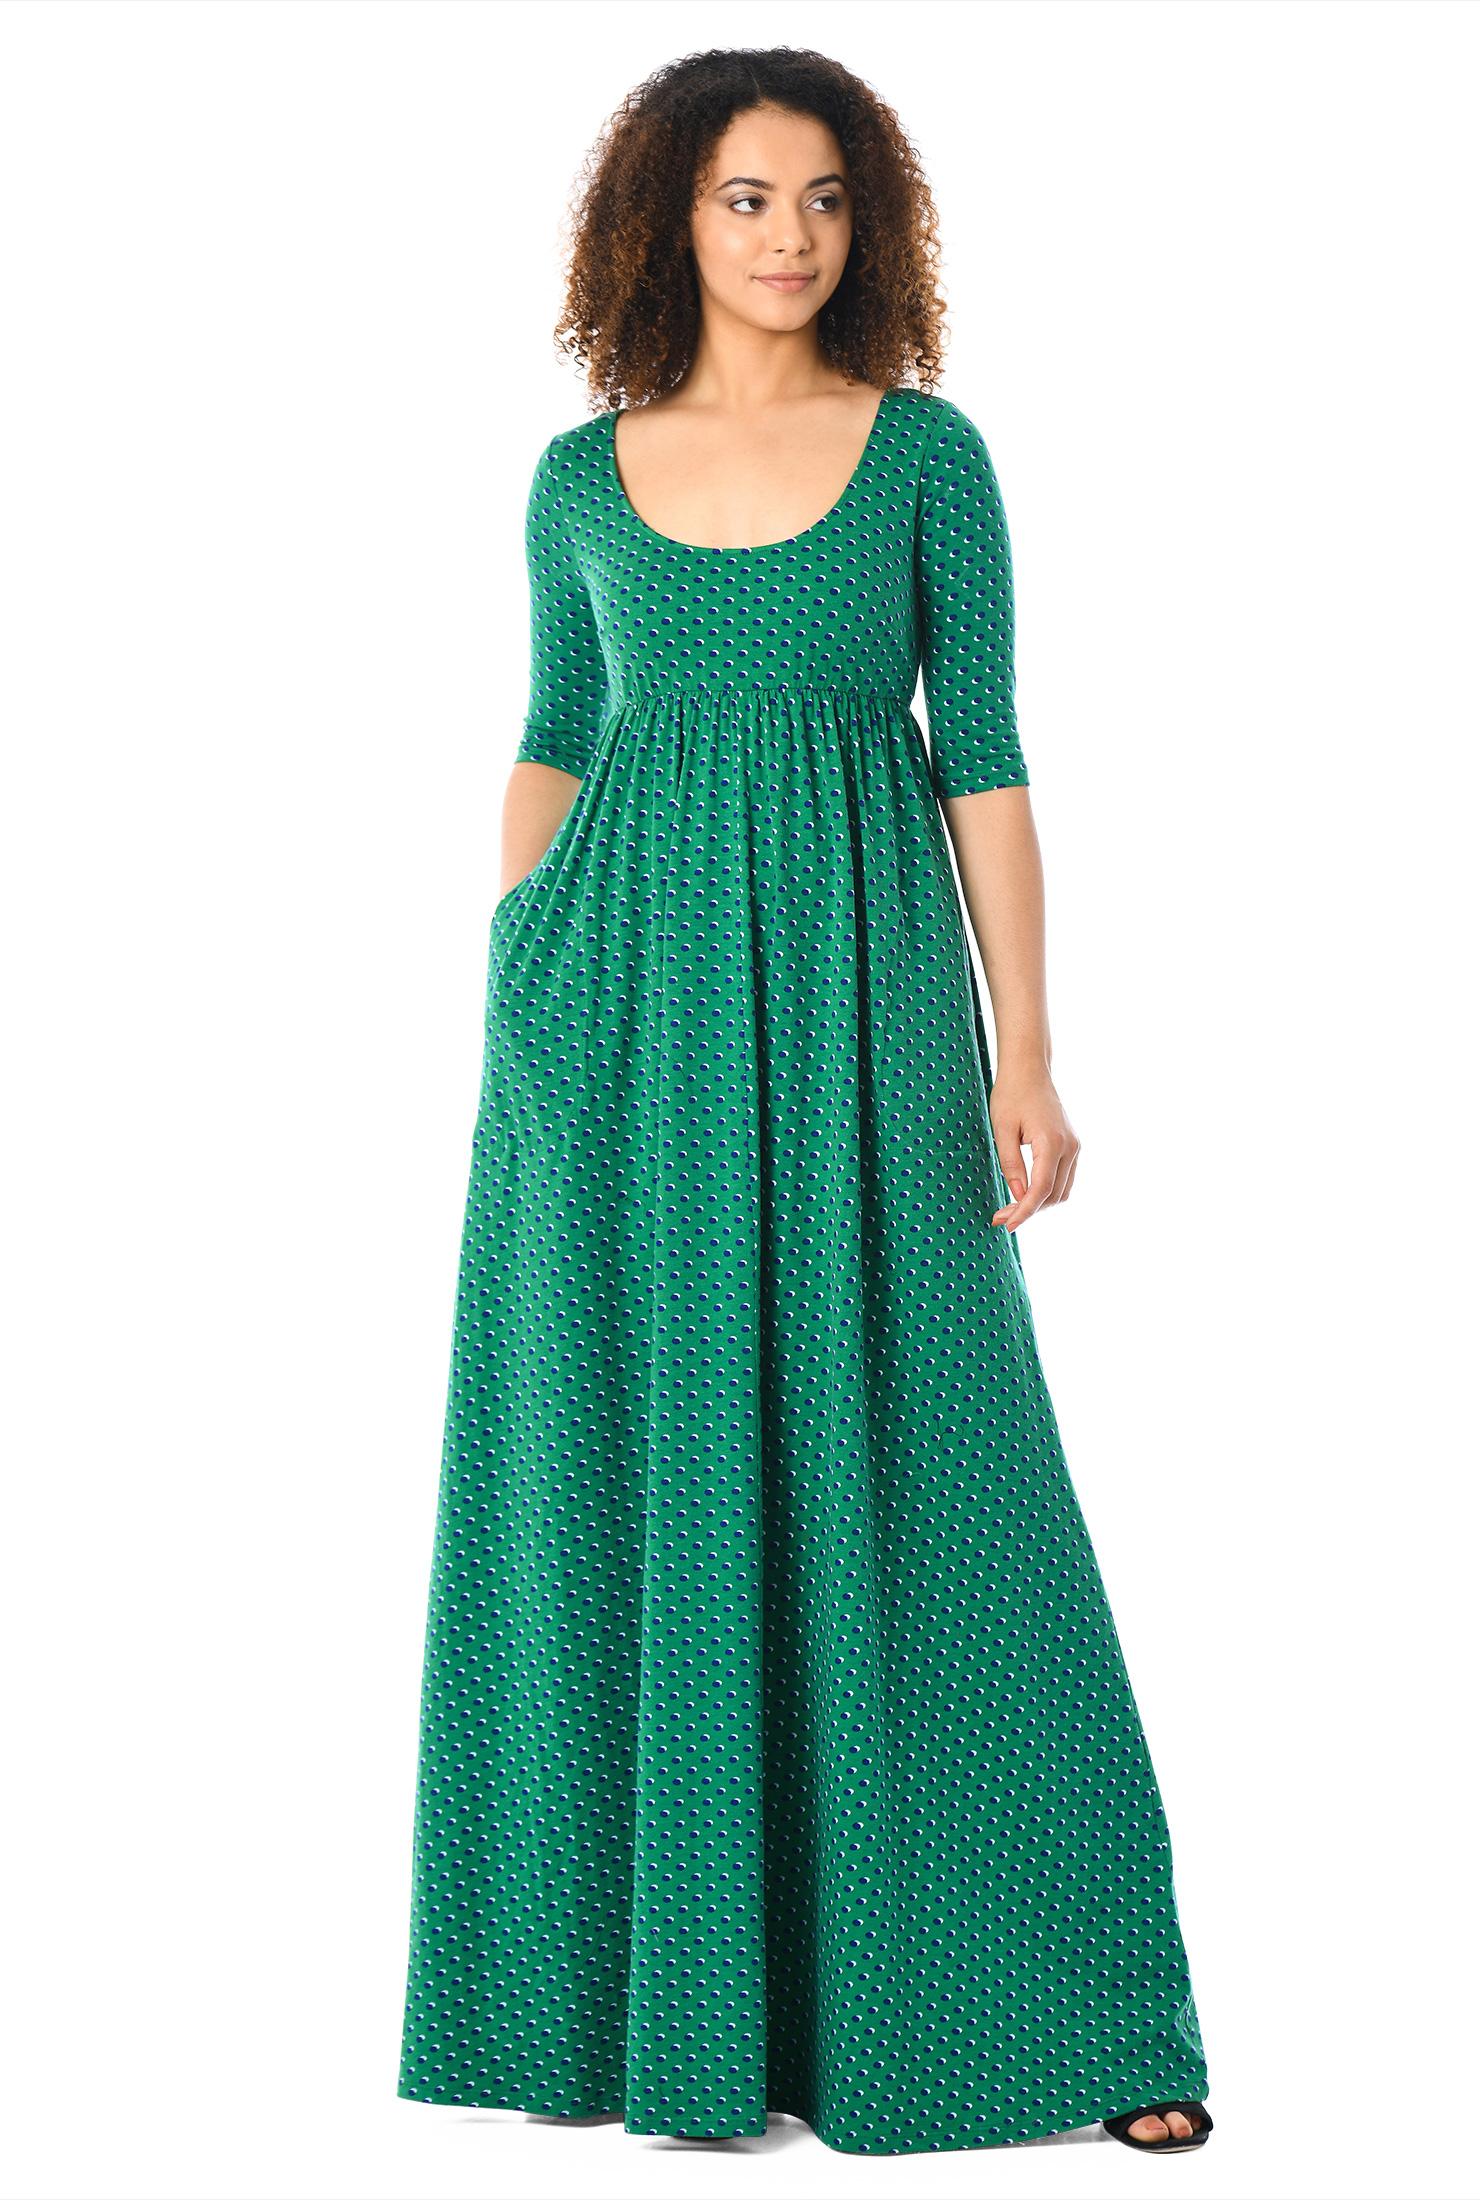 8ee54377a53d back zip dresses, Colorblock Dresses, cotton dresses, elbow length sleeve  dresses,